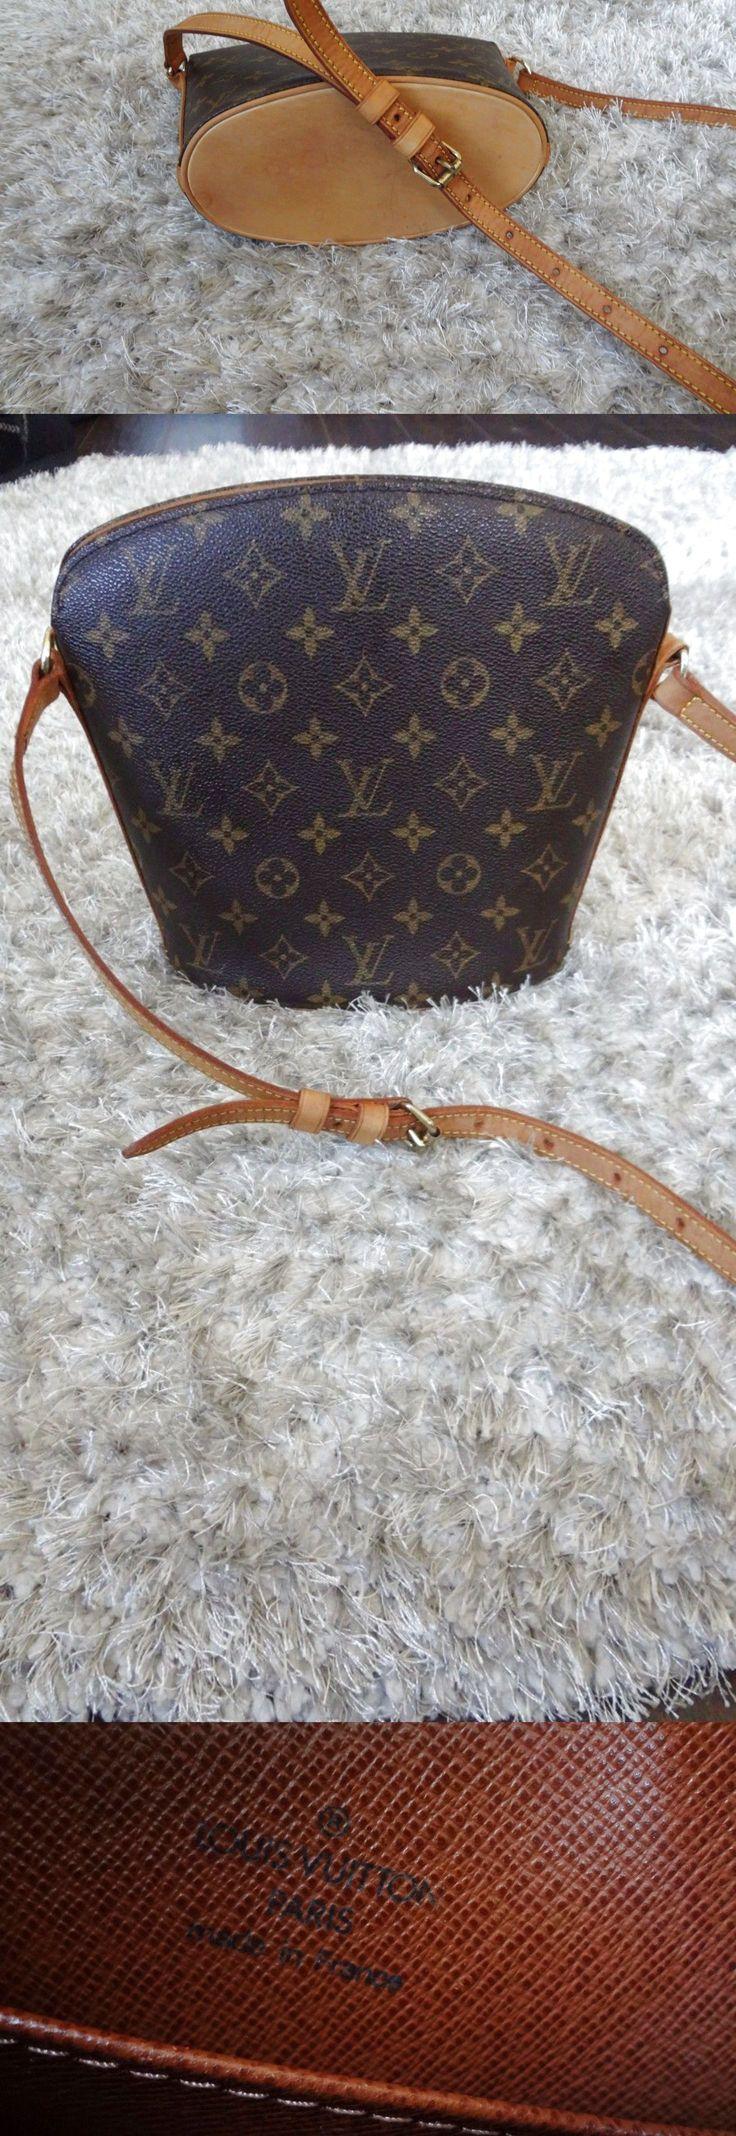 Authentic LOUIS VUITTON DROUOT Cross body Sling Handbag bag Clean $329.0